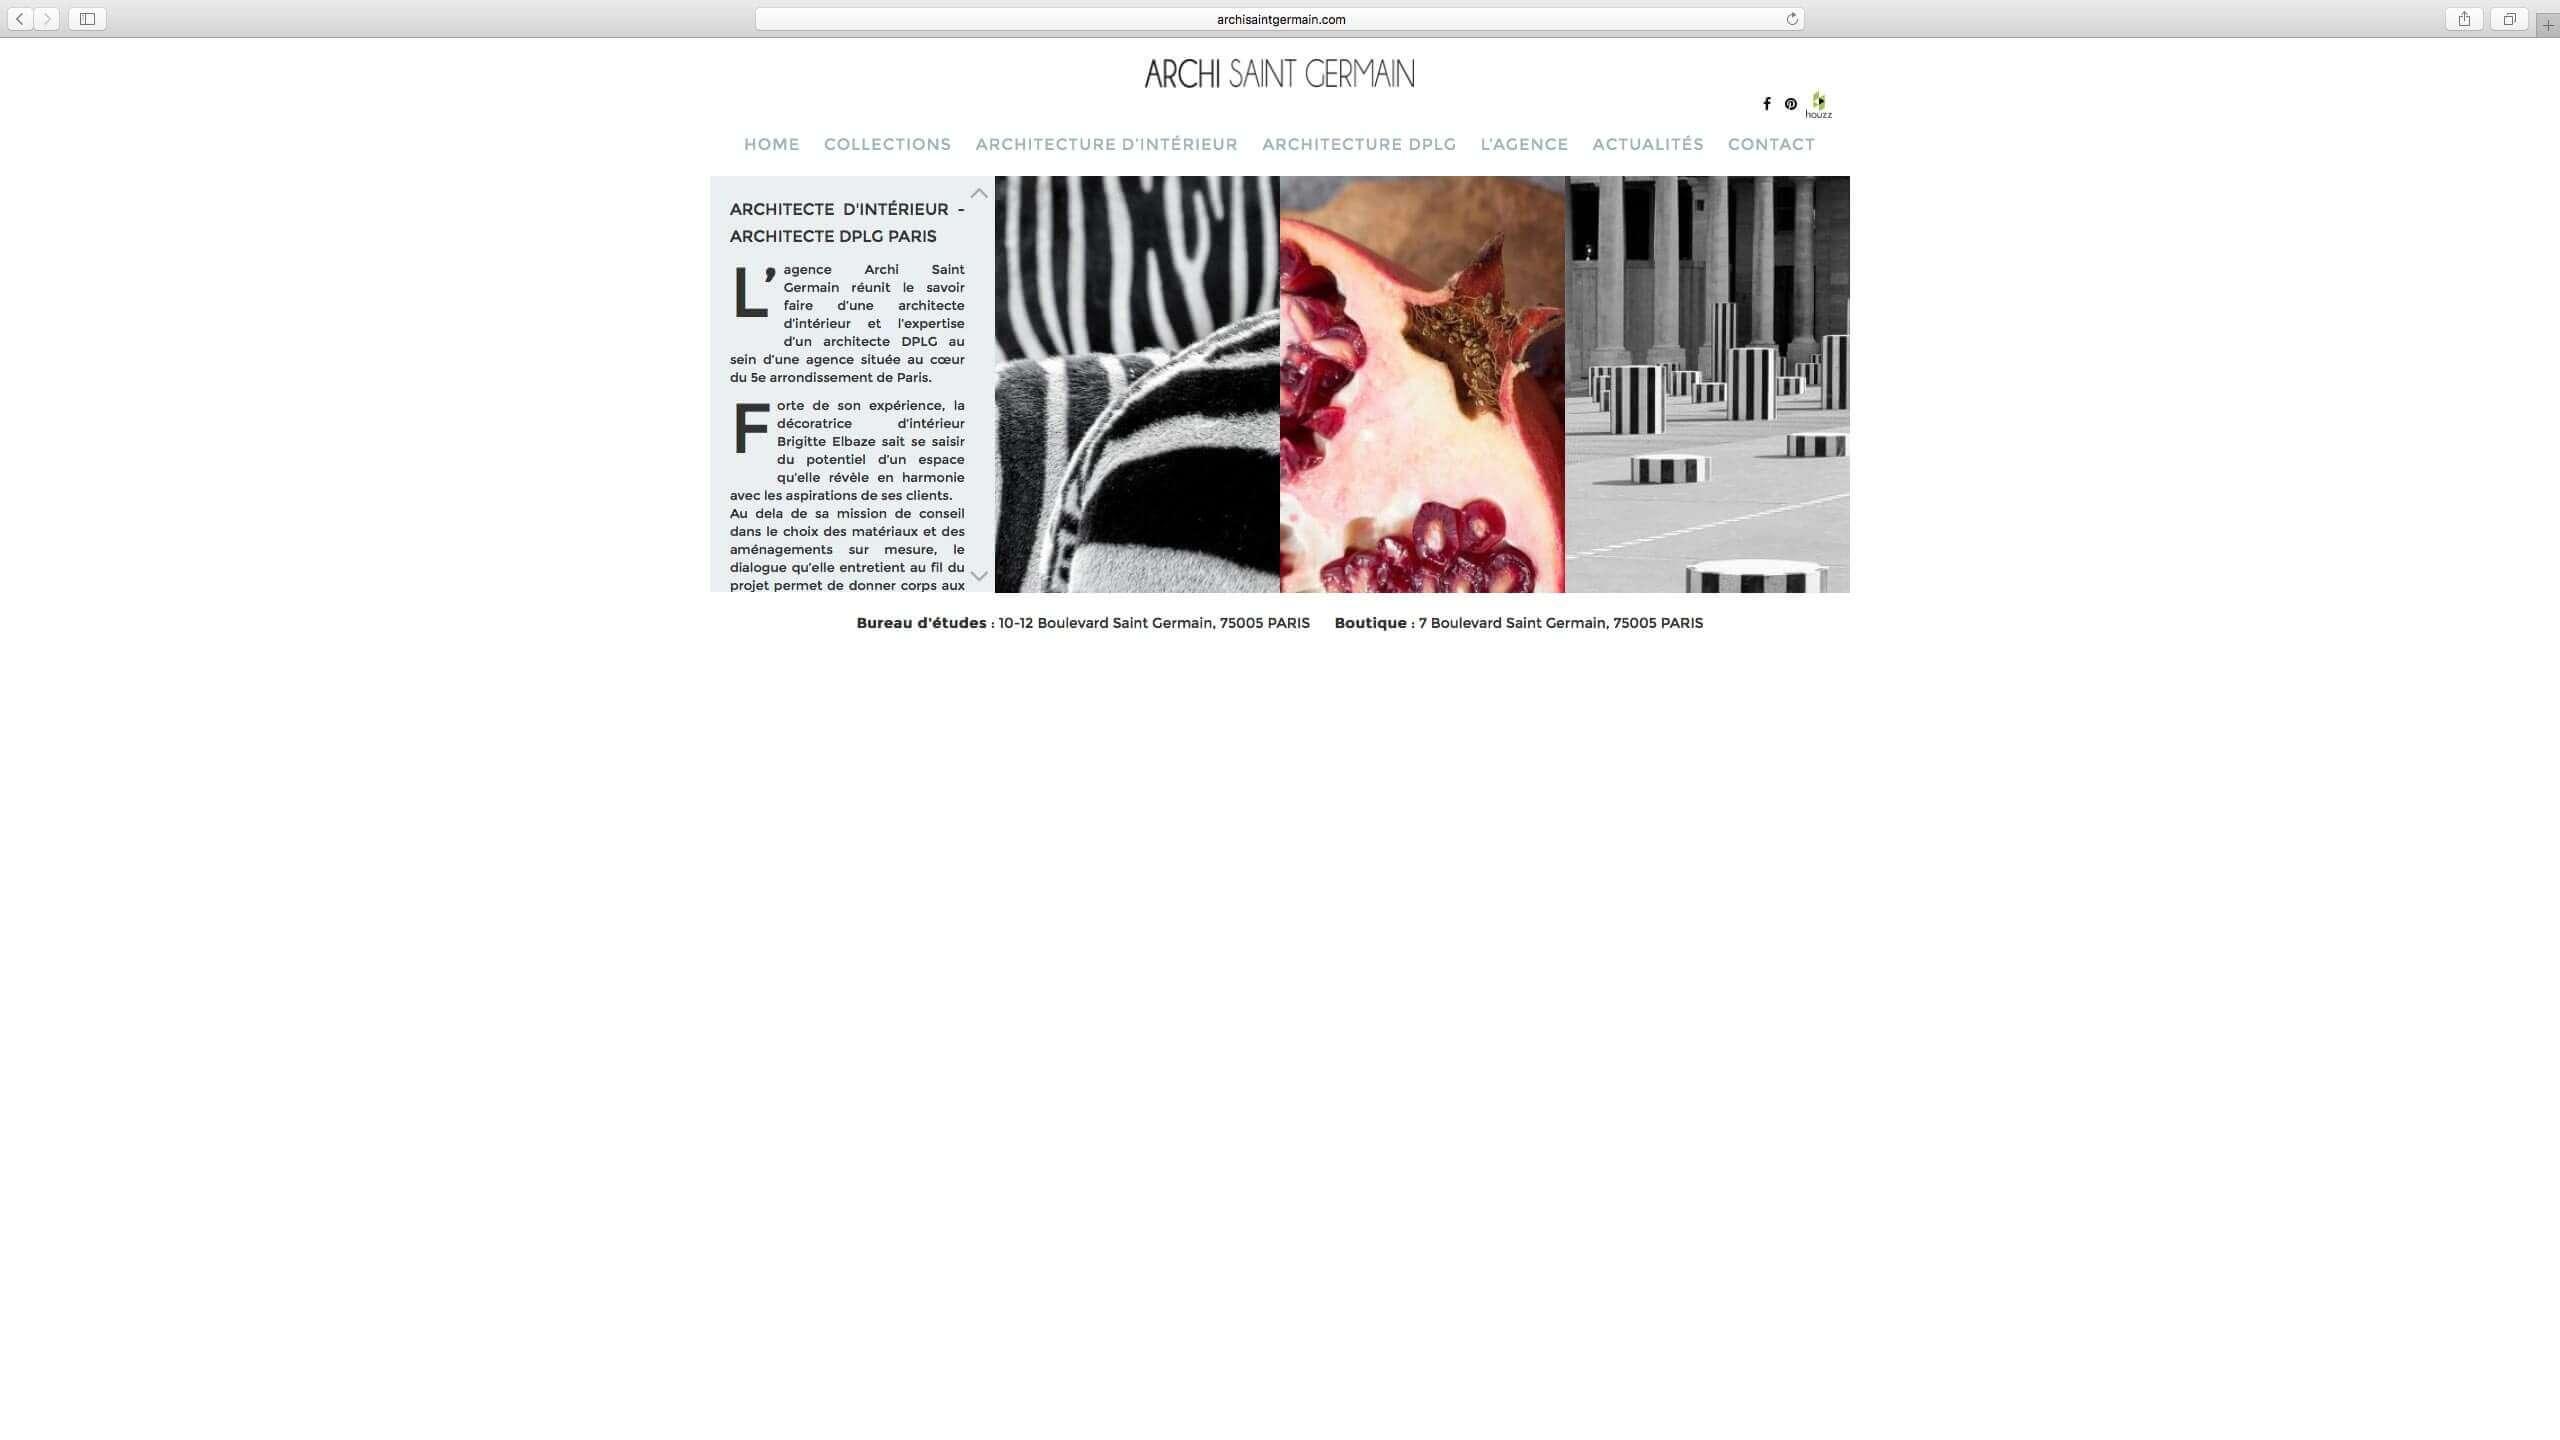 Capture d'écran du site internet Archi Saint Germain réalisé par Kevin de Sousa